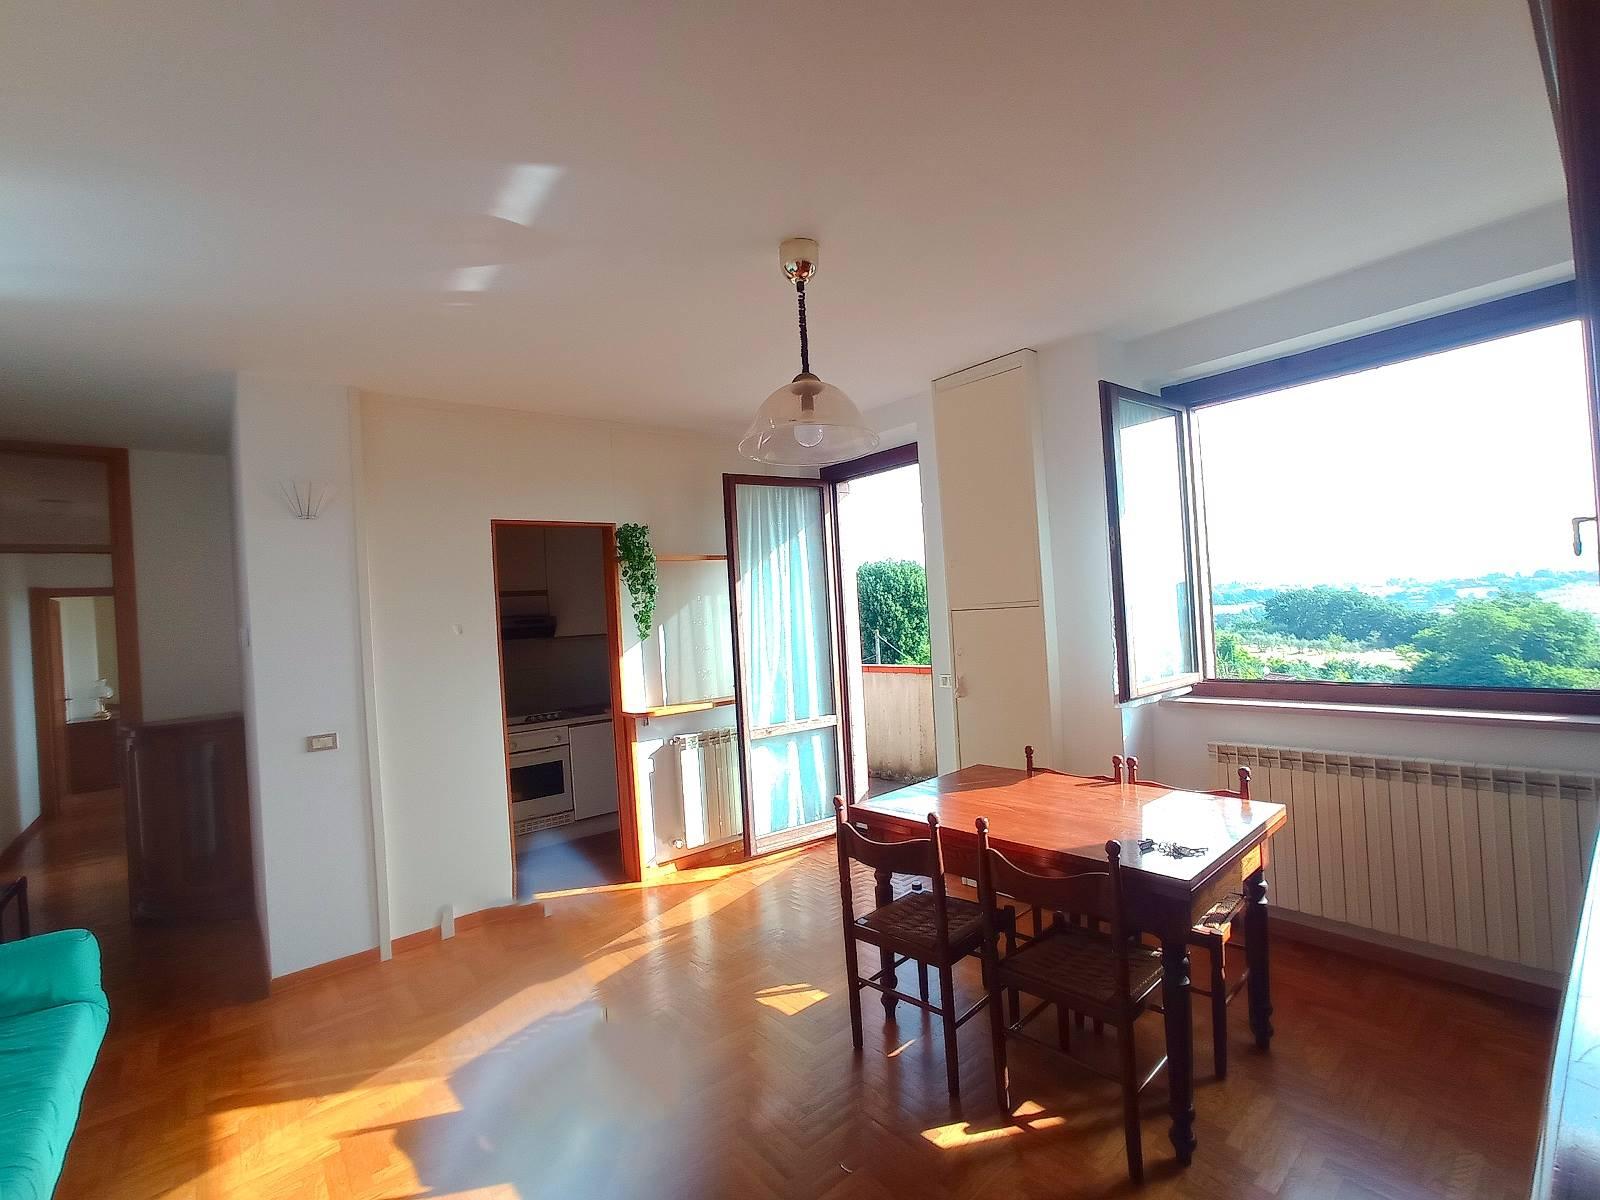 Appartamento in vendita a Monteriggioni, 3 locali, zona Località: UOPINI, prezzo € 200.000 | PortaleAgenzieImmobiliari.it